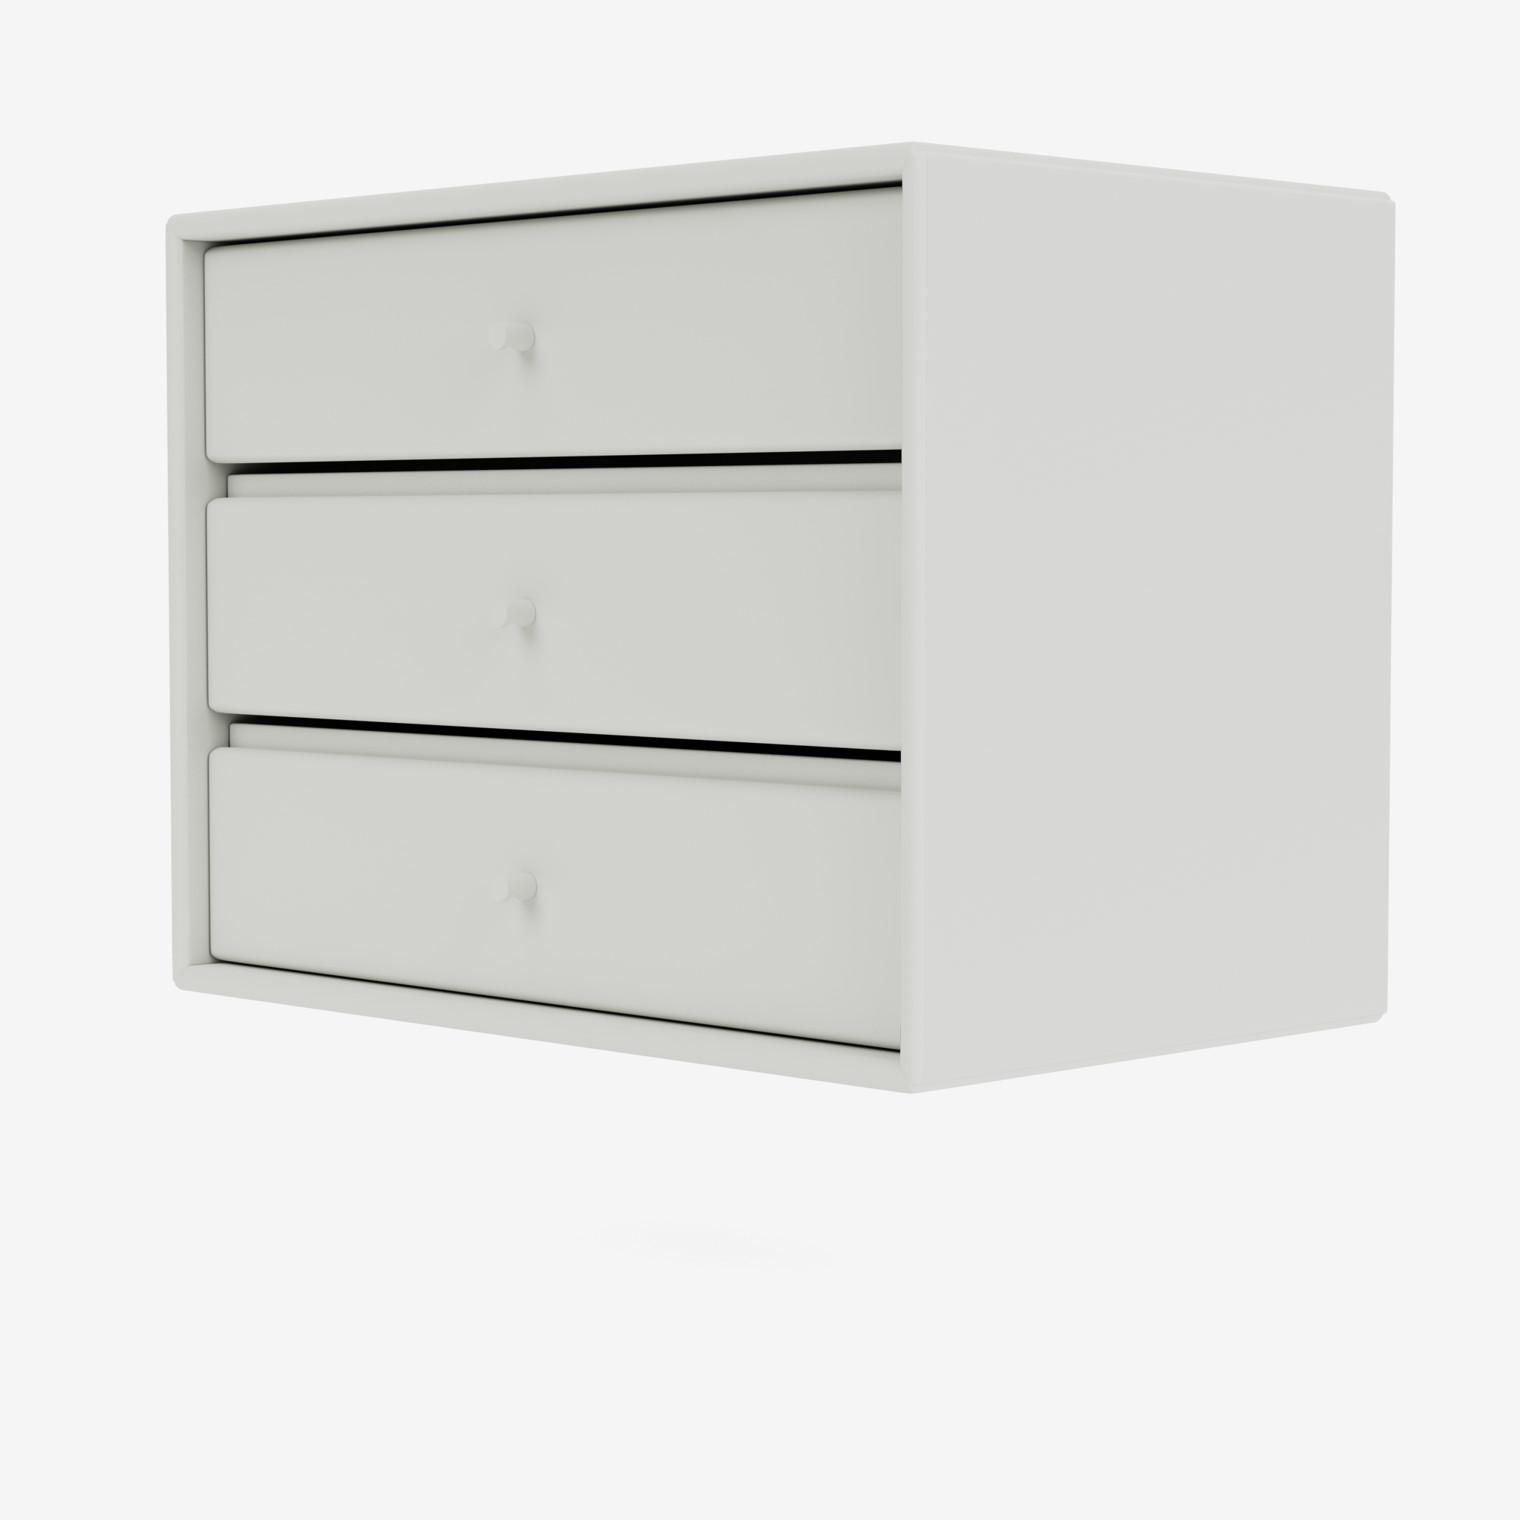 Drawer module 6241